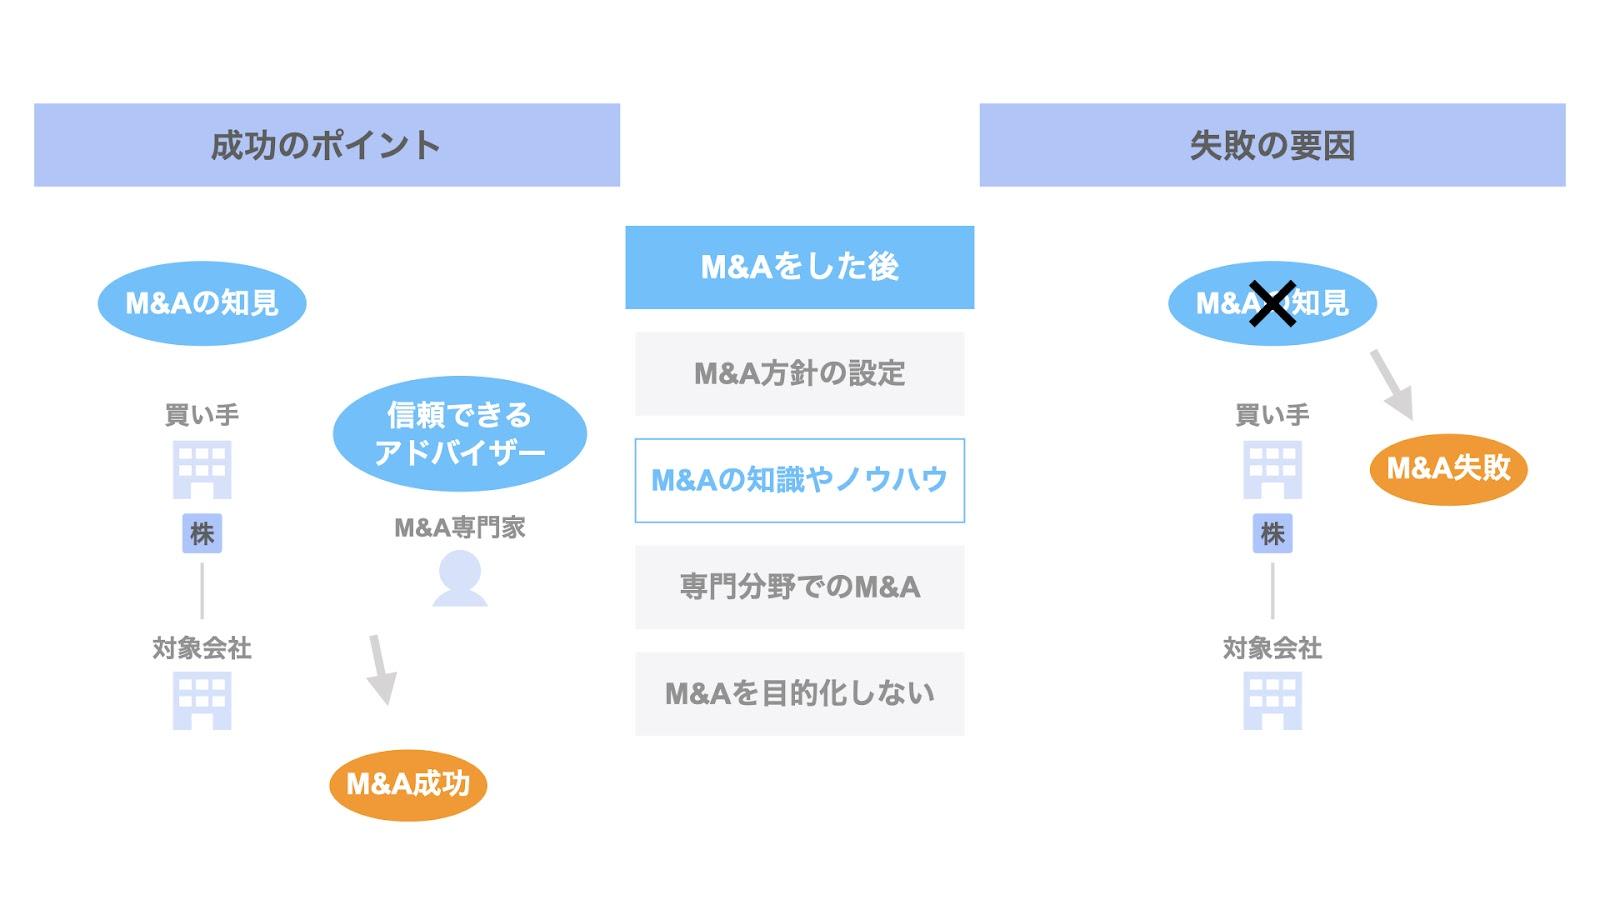 M&Aした後の成功ポイント② M&Aそのものに対する知識やノウハウ